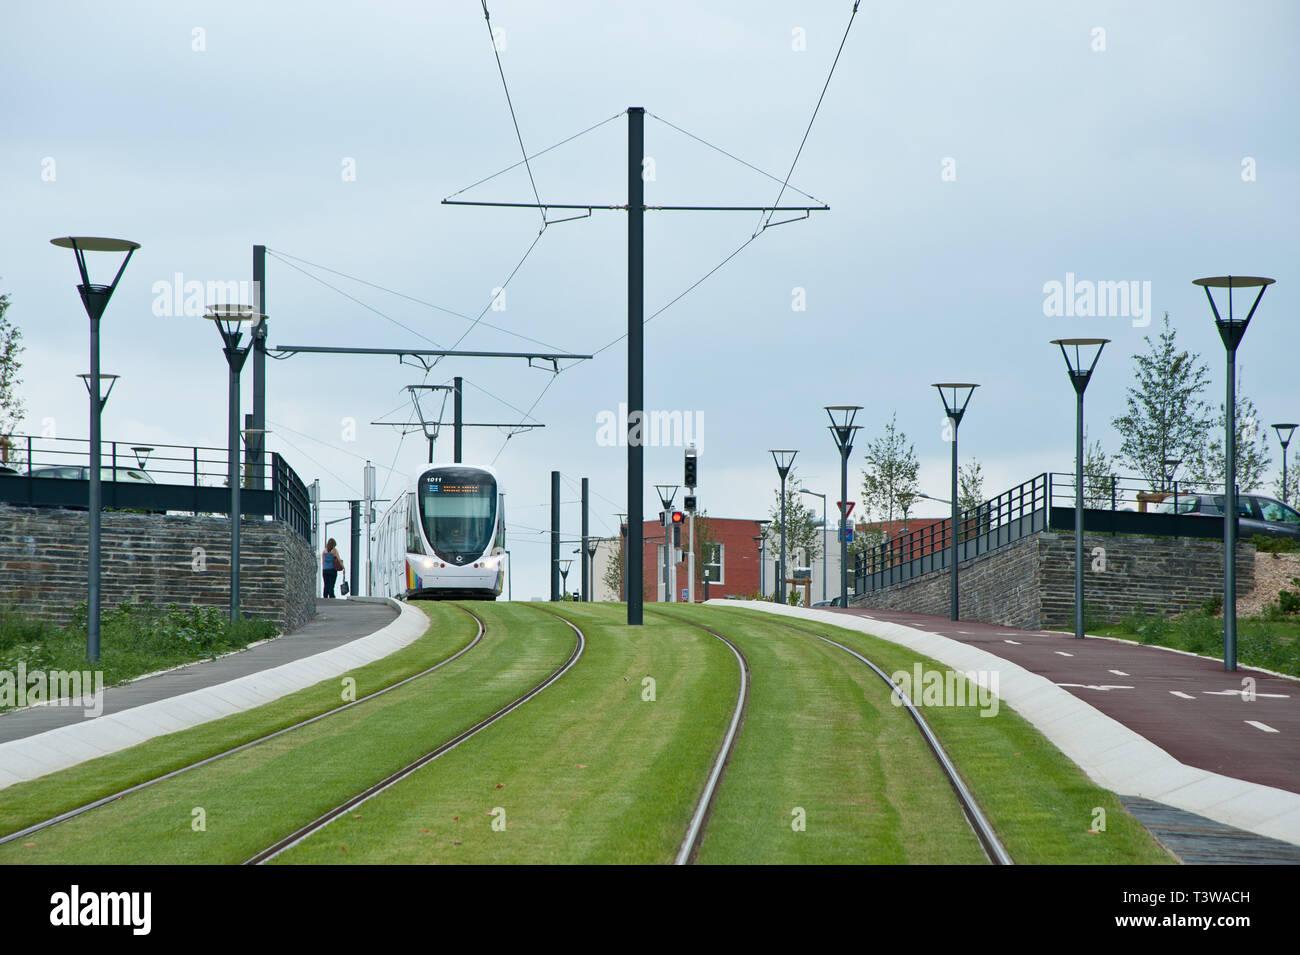 Angers, moderne Straßenbahn, Durchfahrt Institut de Biologie de Santé, CHU Angers Angers, moderne Straßenbahn, Passage Institut de Biologie de Santé, CHU Stockbild